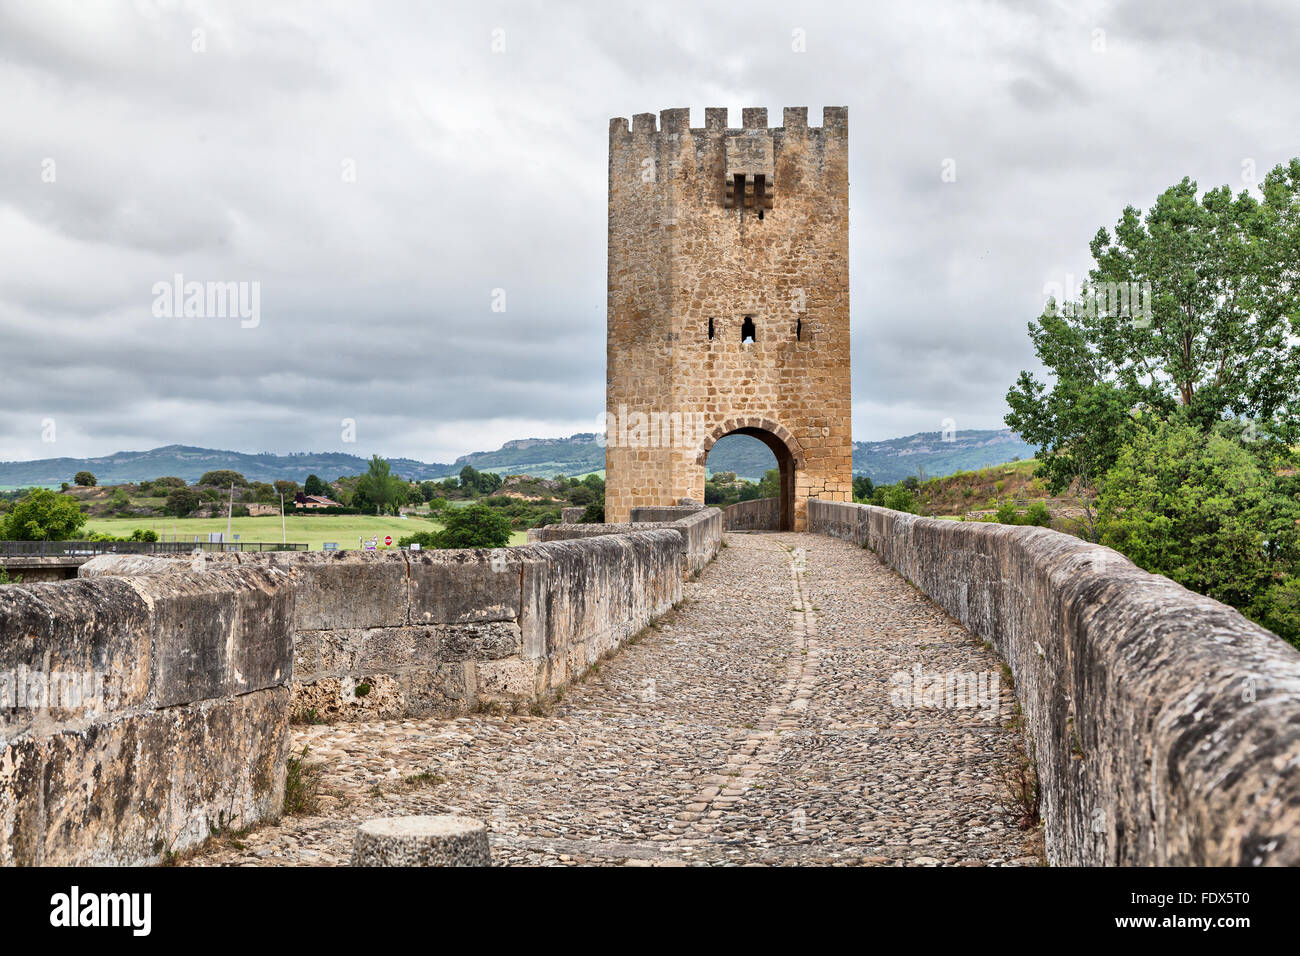 Medievale ponte di pietra in Frias, provincia di Burgos, Spagna Immagini Stock